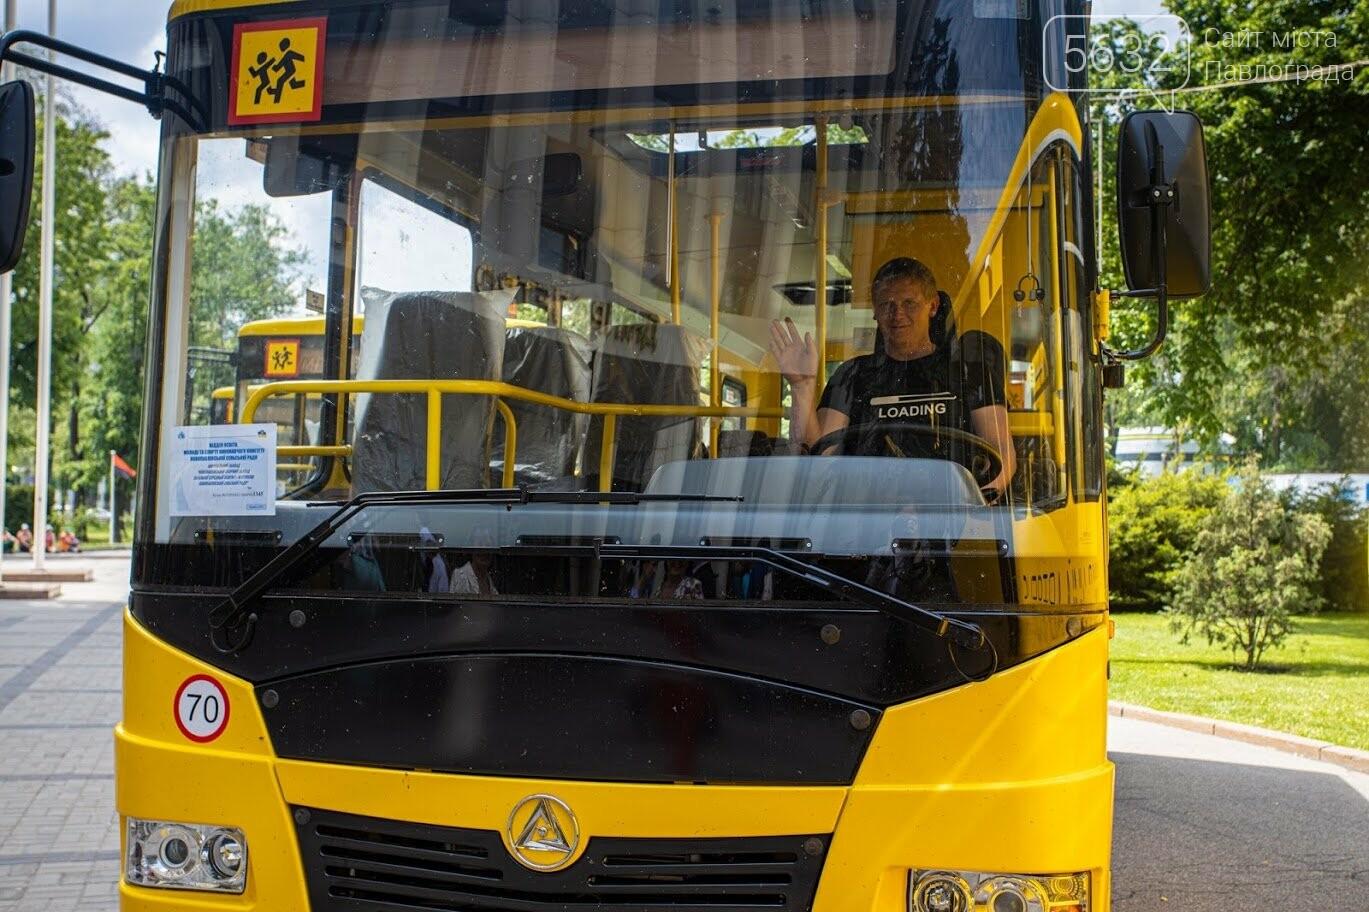 13 новых школьных автобусов отправились в сельские учебные учреждения Днепропетровщины (ФОТО), фото-4